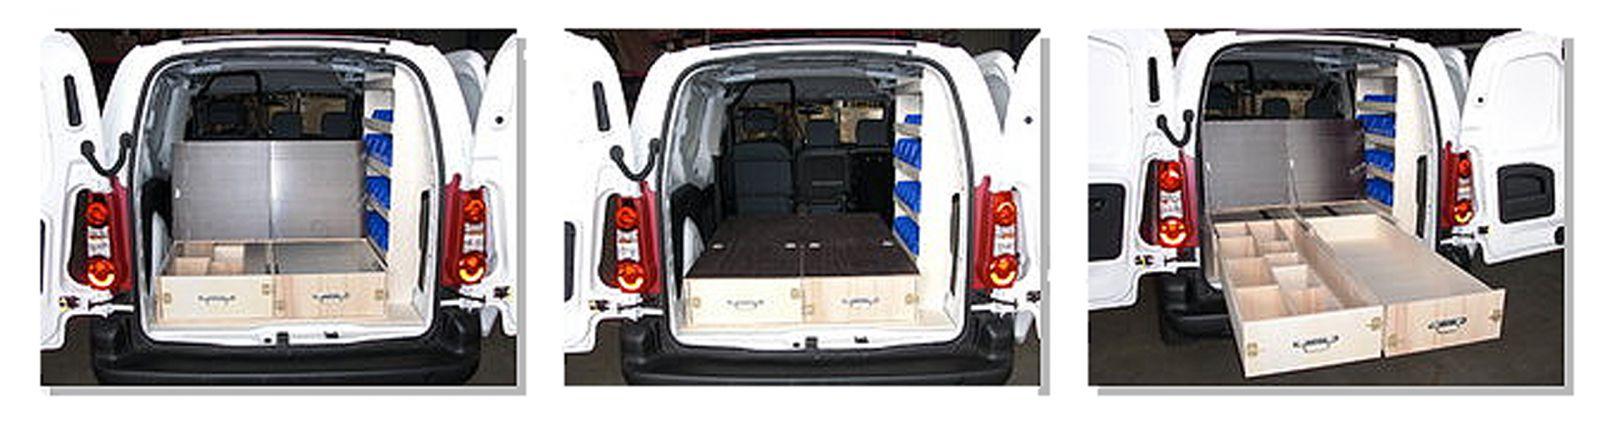 meubles bois pour v hicule utilitaire am nagement. Black Bedroom Furniture Sets. Home Design Ideas